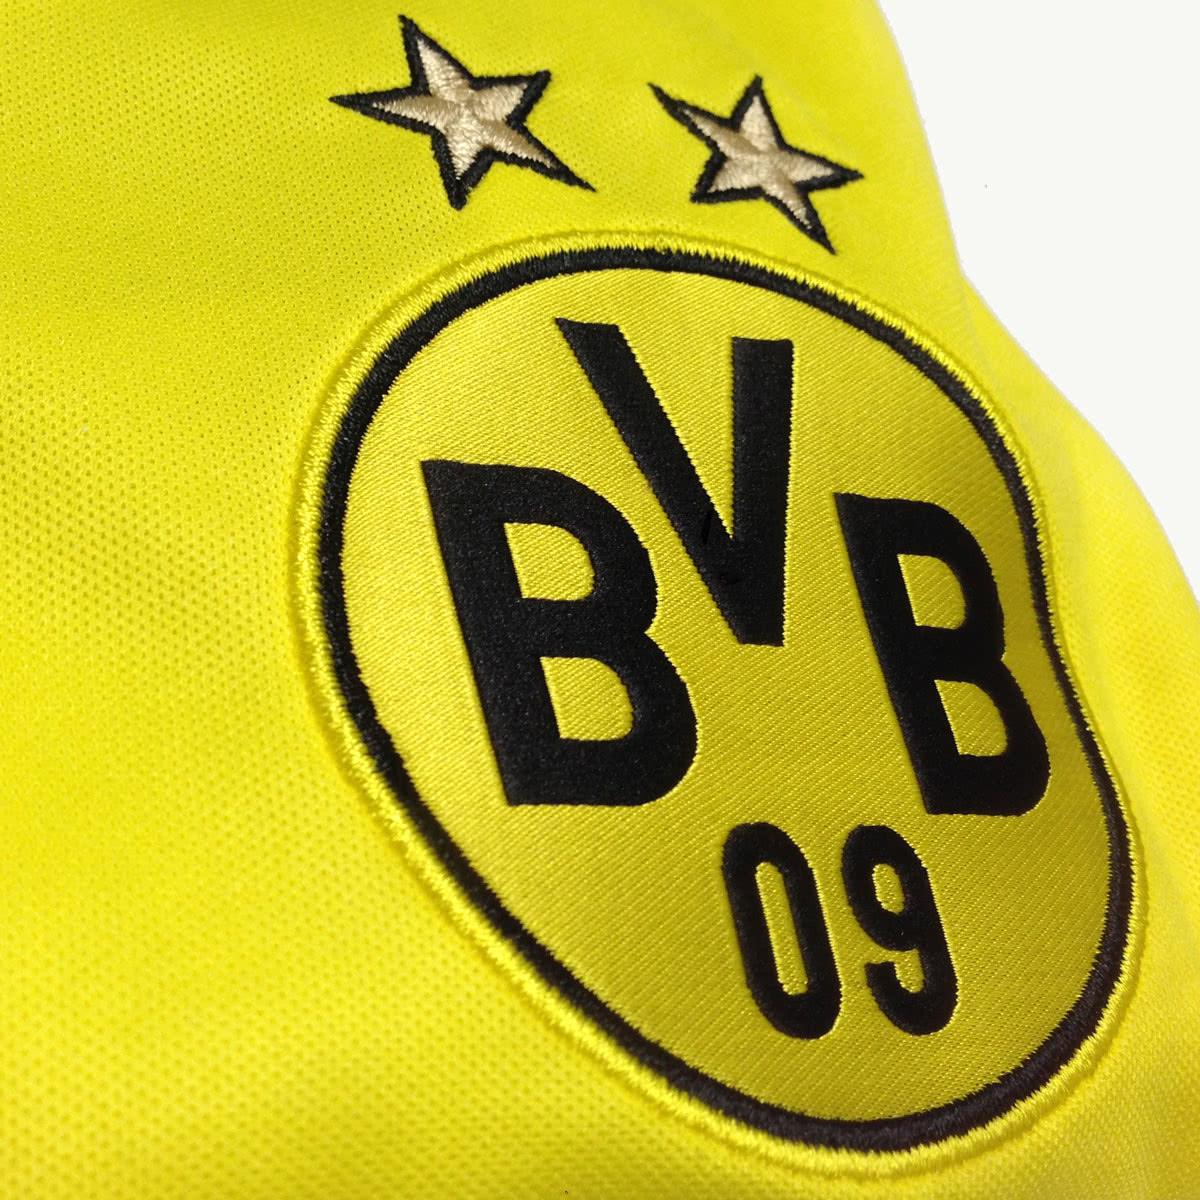 Bvb Cl